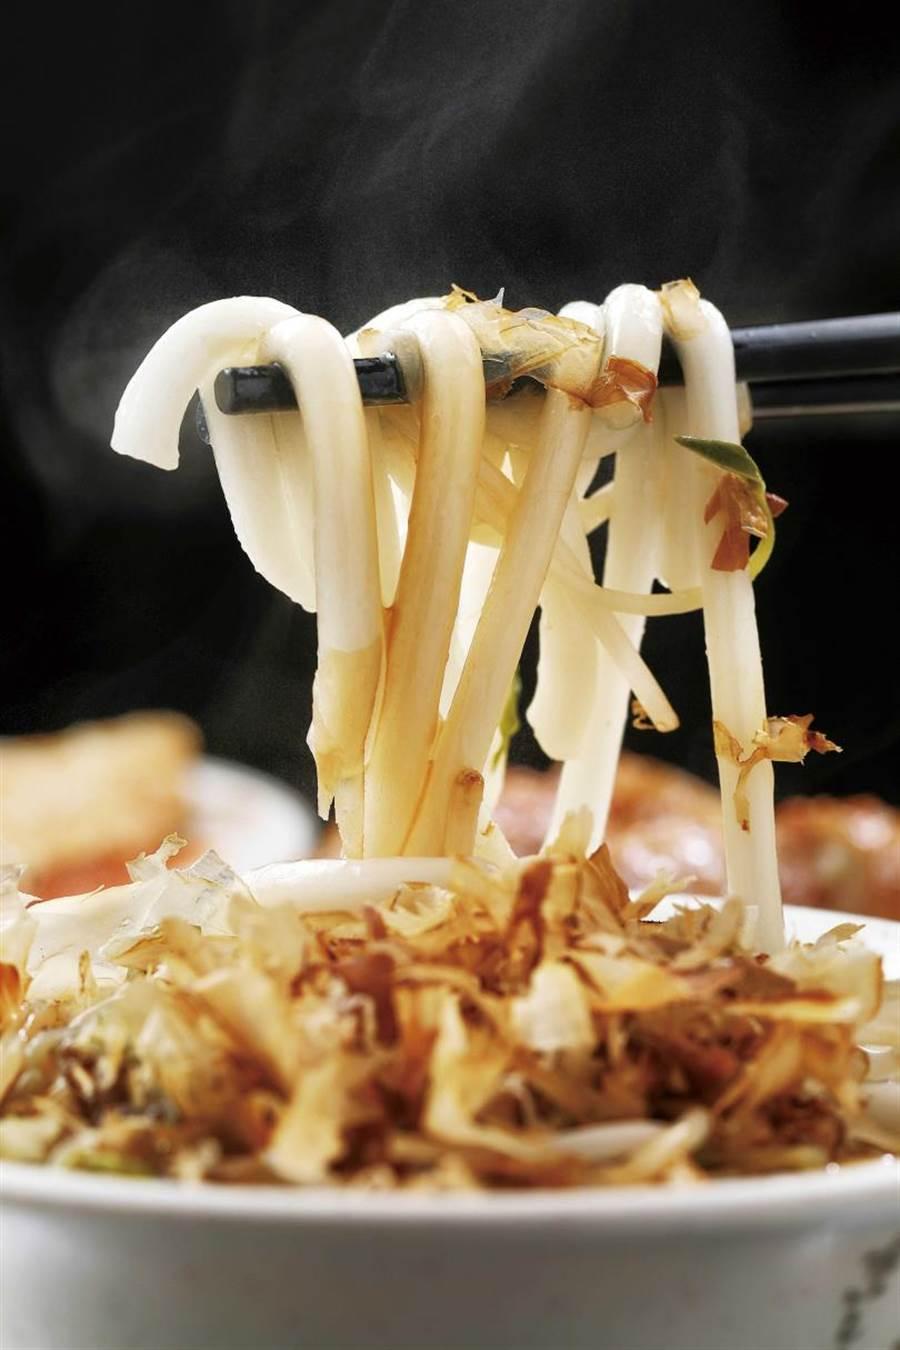 承襲自萬華早期小吃攤「阿英小吃」的「乾米苔目」,能嘗到單純的咕溜好滋味。(30元)(圖/于魯光攝)